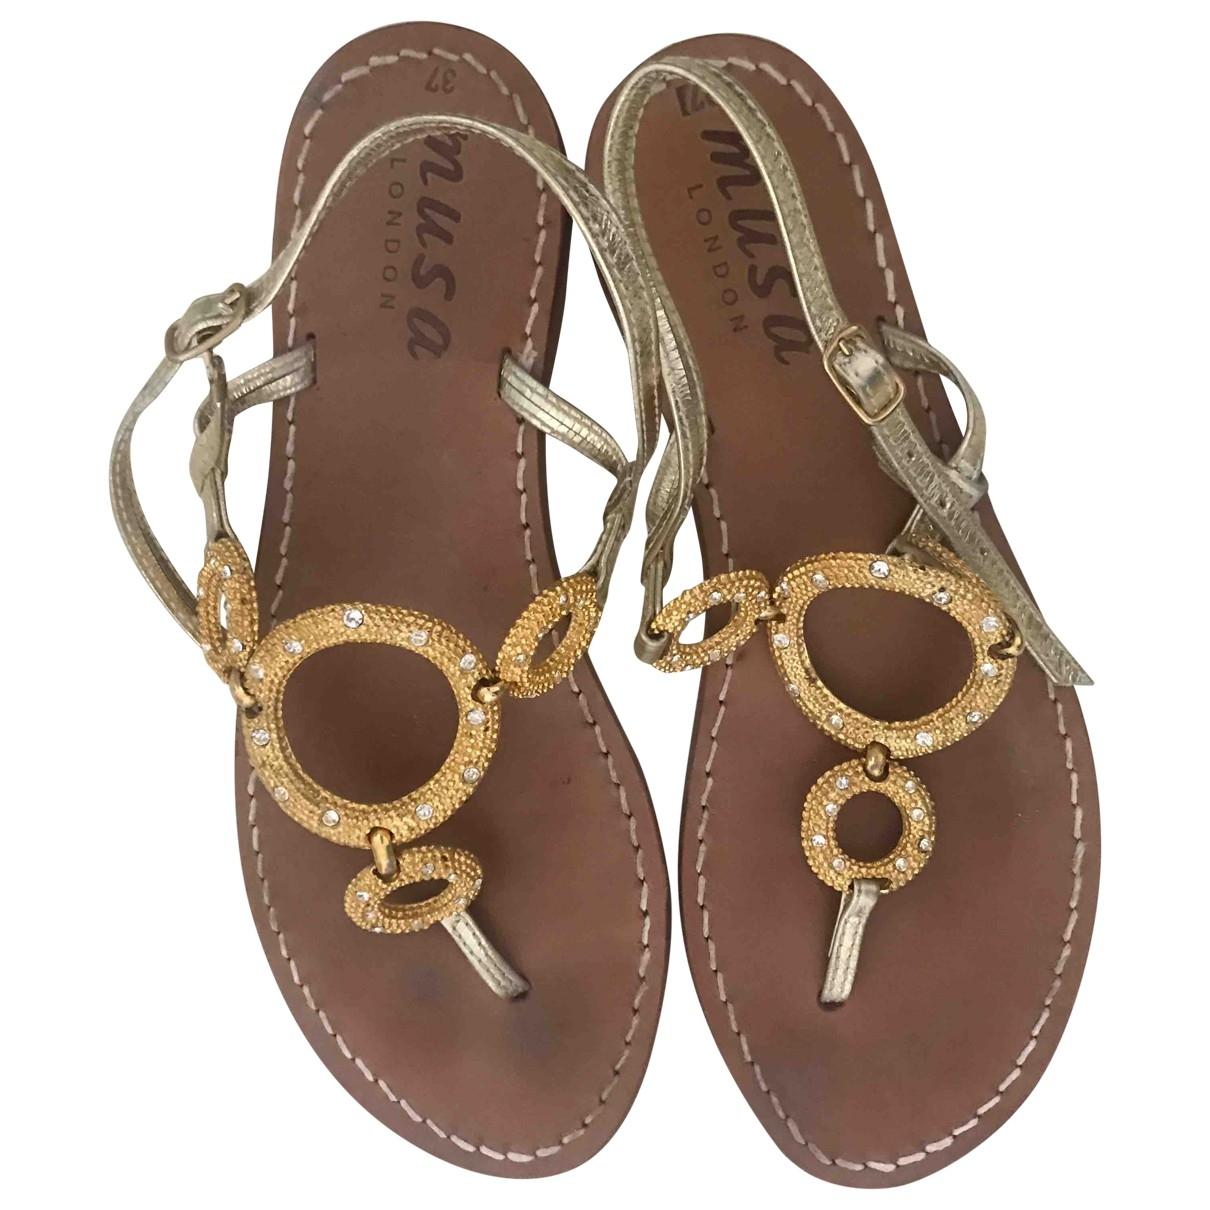 Sandalias romanas de Cuero Musa